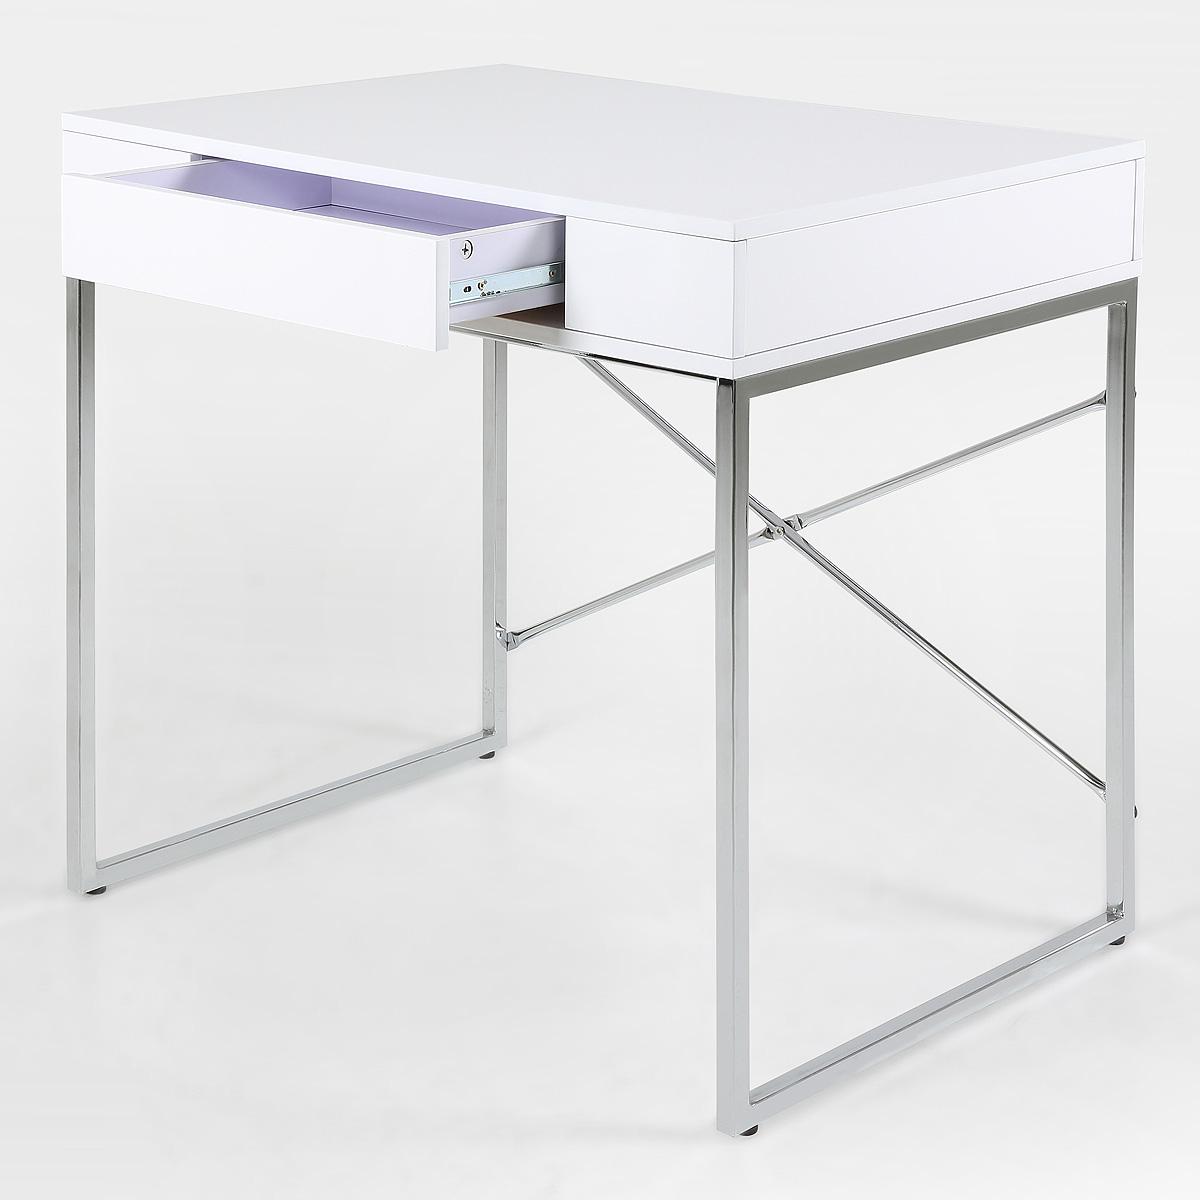 schreibtisch vallez b rotisch computertisch wei hochglanz lack neu ebay. Black Bedroom Furniture Sets. Home Design Ideas